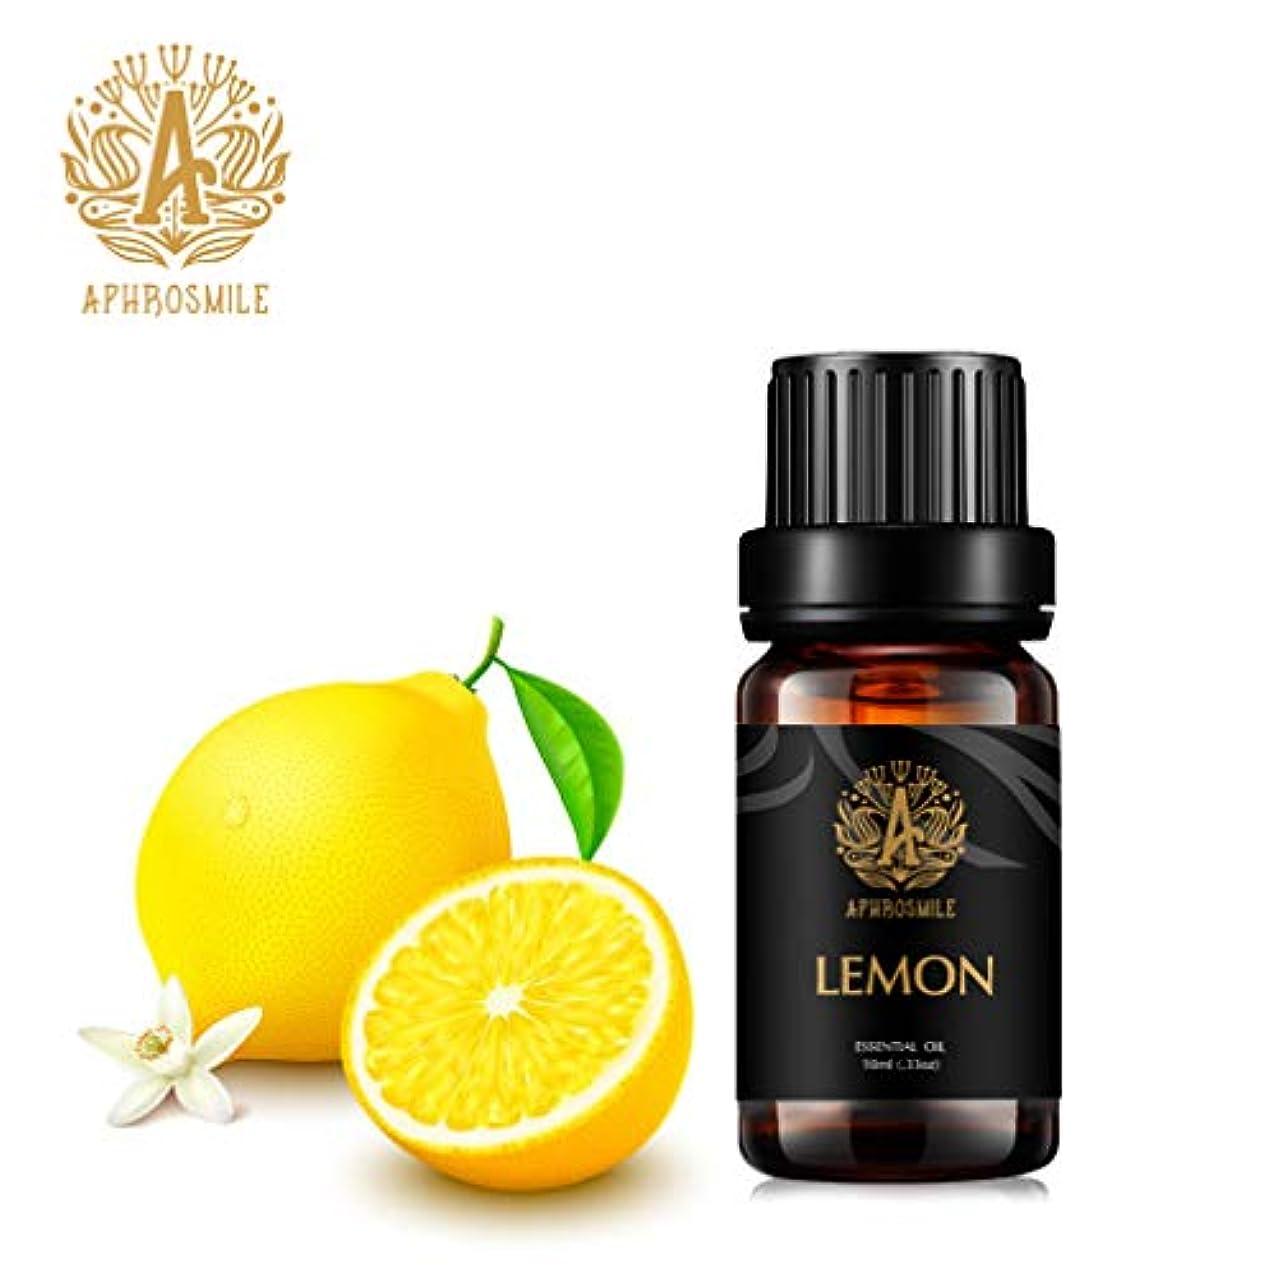 音節びっくりする準拠レモン精油、100%純粋なアロマセラピーエッセンシャルオイルレモンの香り、クレンジングとし、空気を浄化します、治療用グレードエッセンシャルオイルレモンの香り為にディフューザー、マッサージ、加湿器、デイリーケア、0.33オンス...